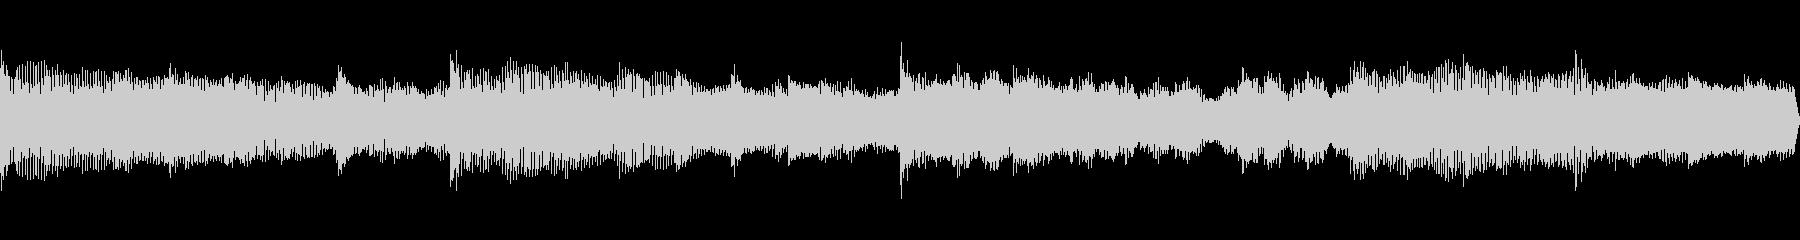 不穏な雰囲気のBGM(ループ仕様)の未再生の波形